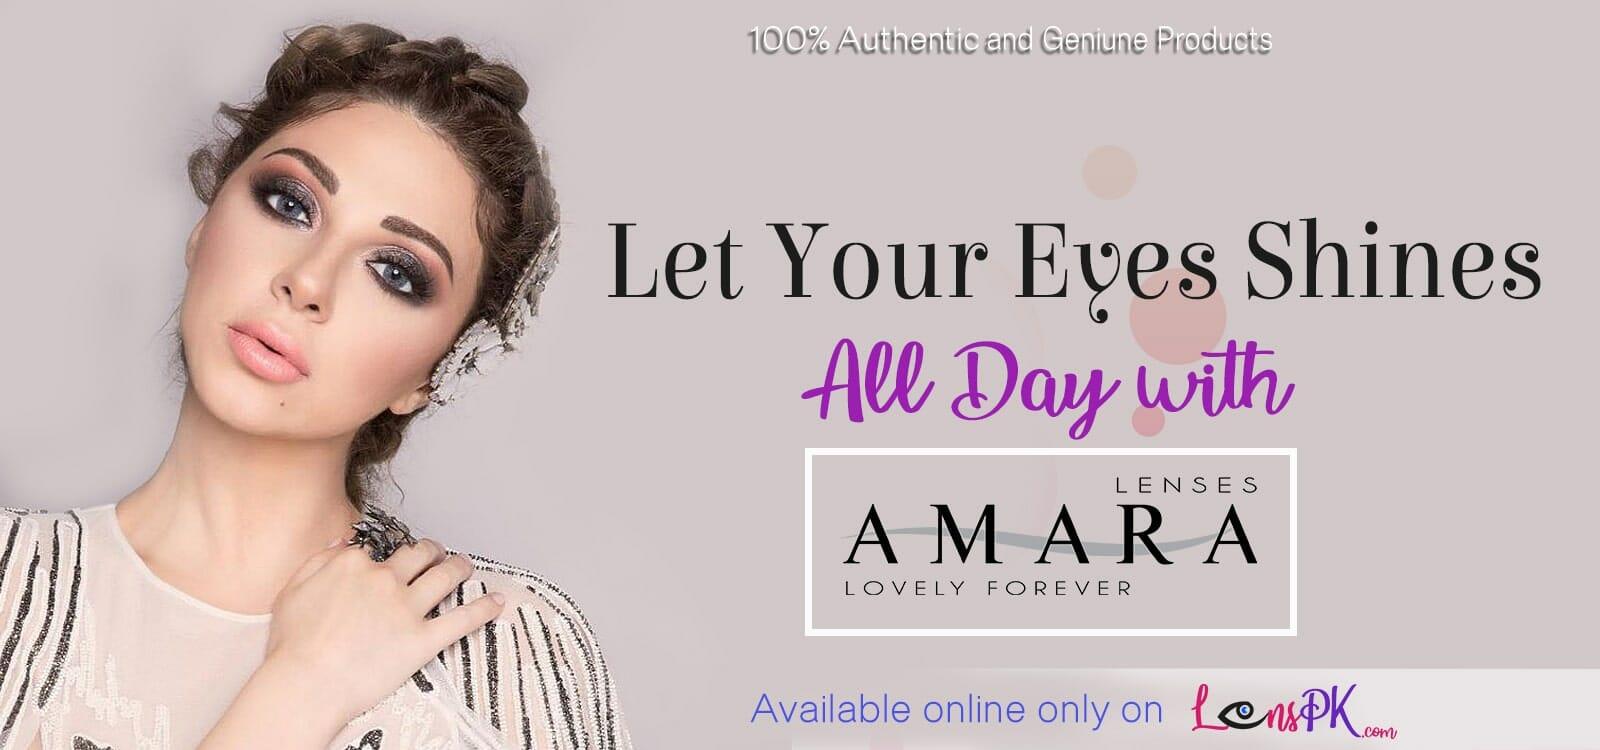 Ammara eye lenses